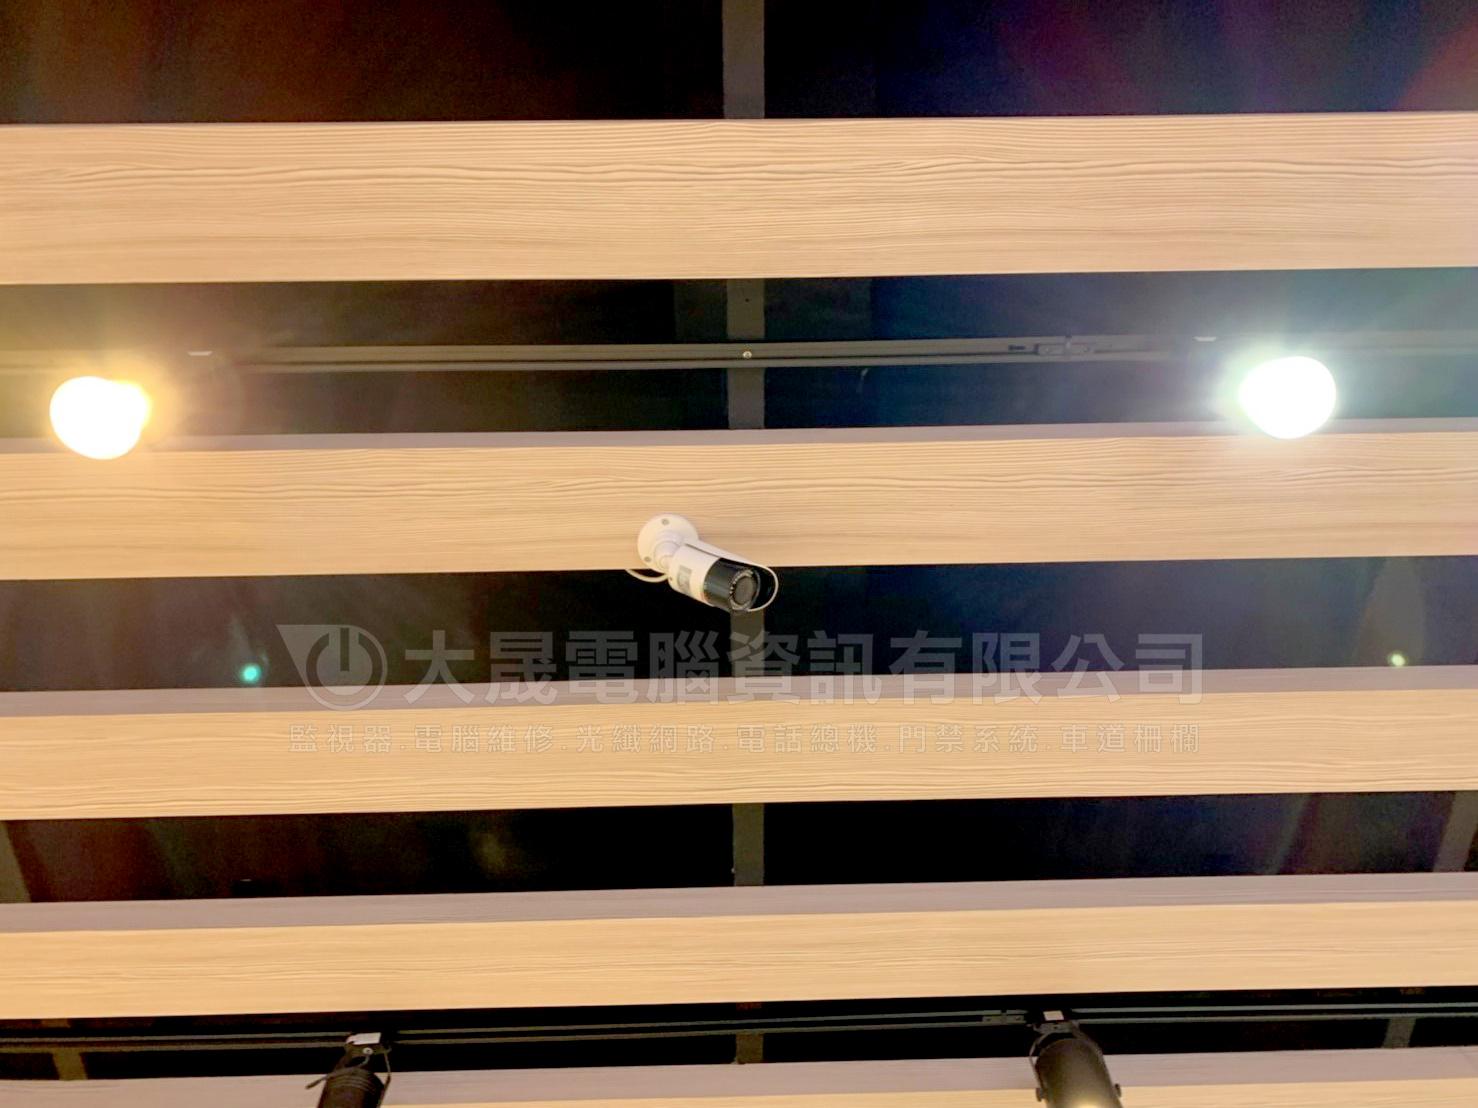 桃園監視器、桃園廣播系統、大倉酷眼鏡